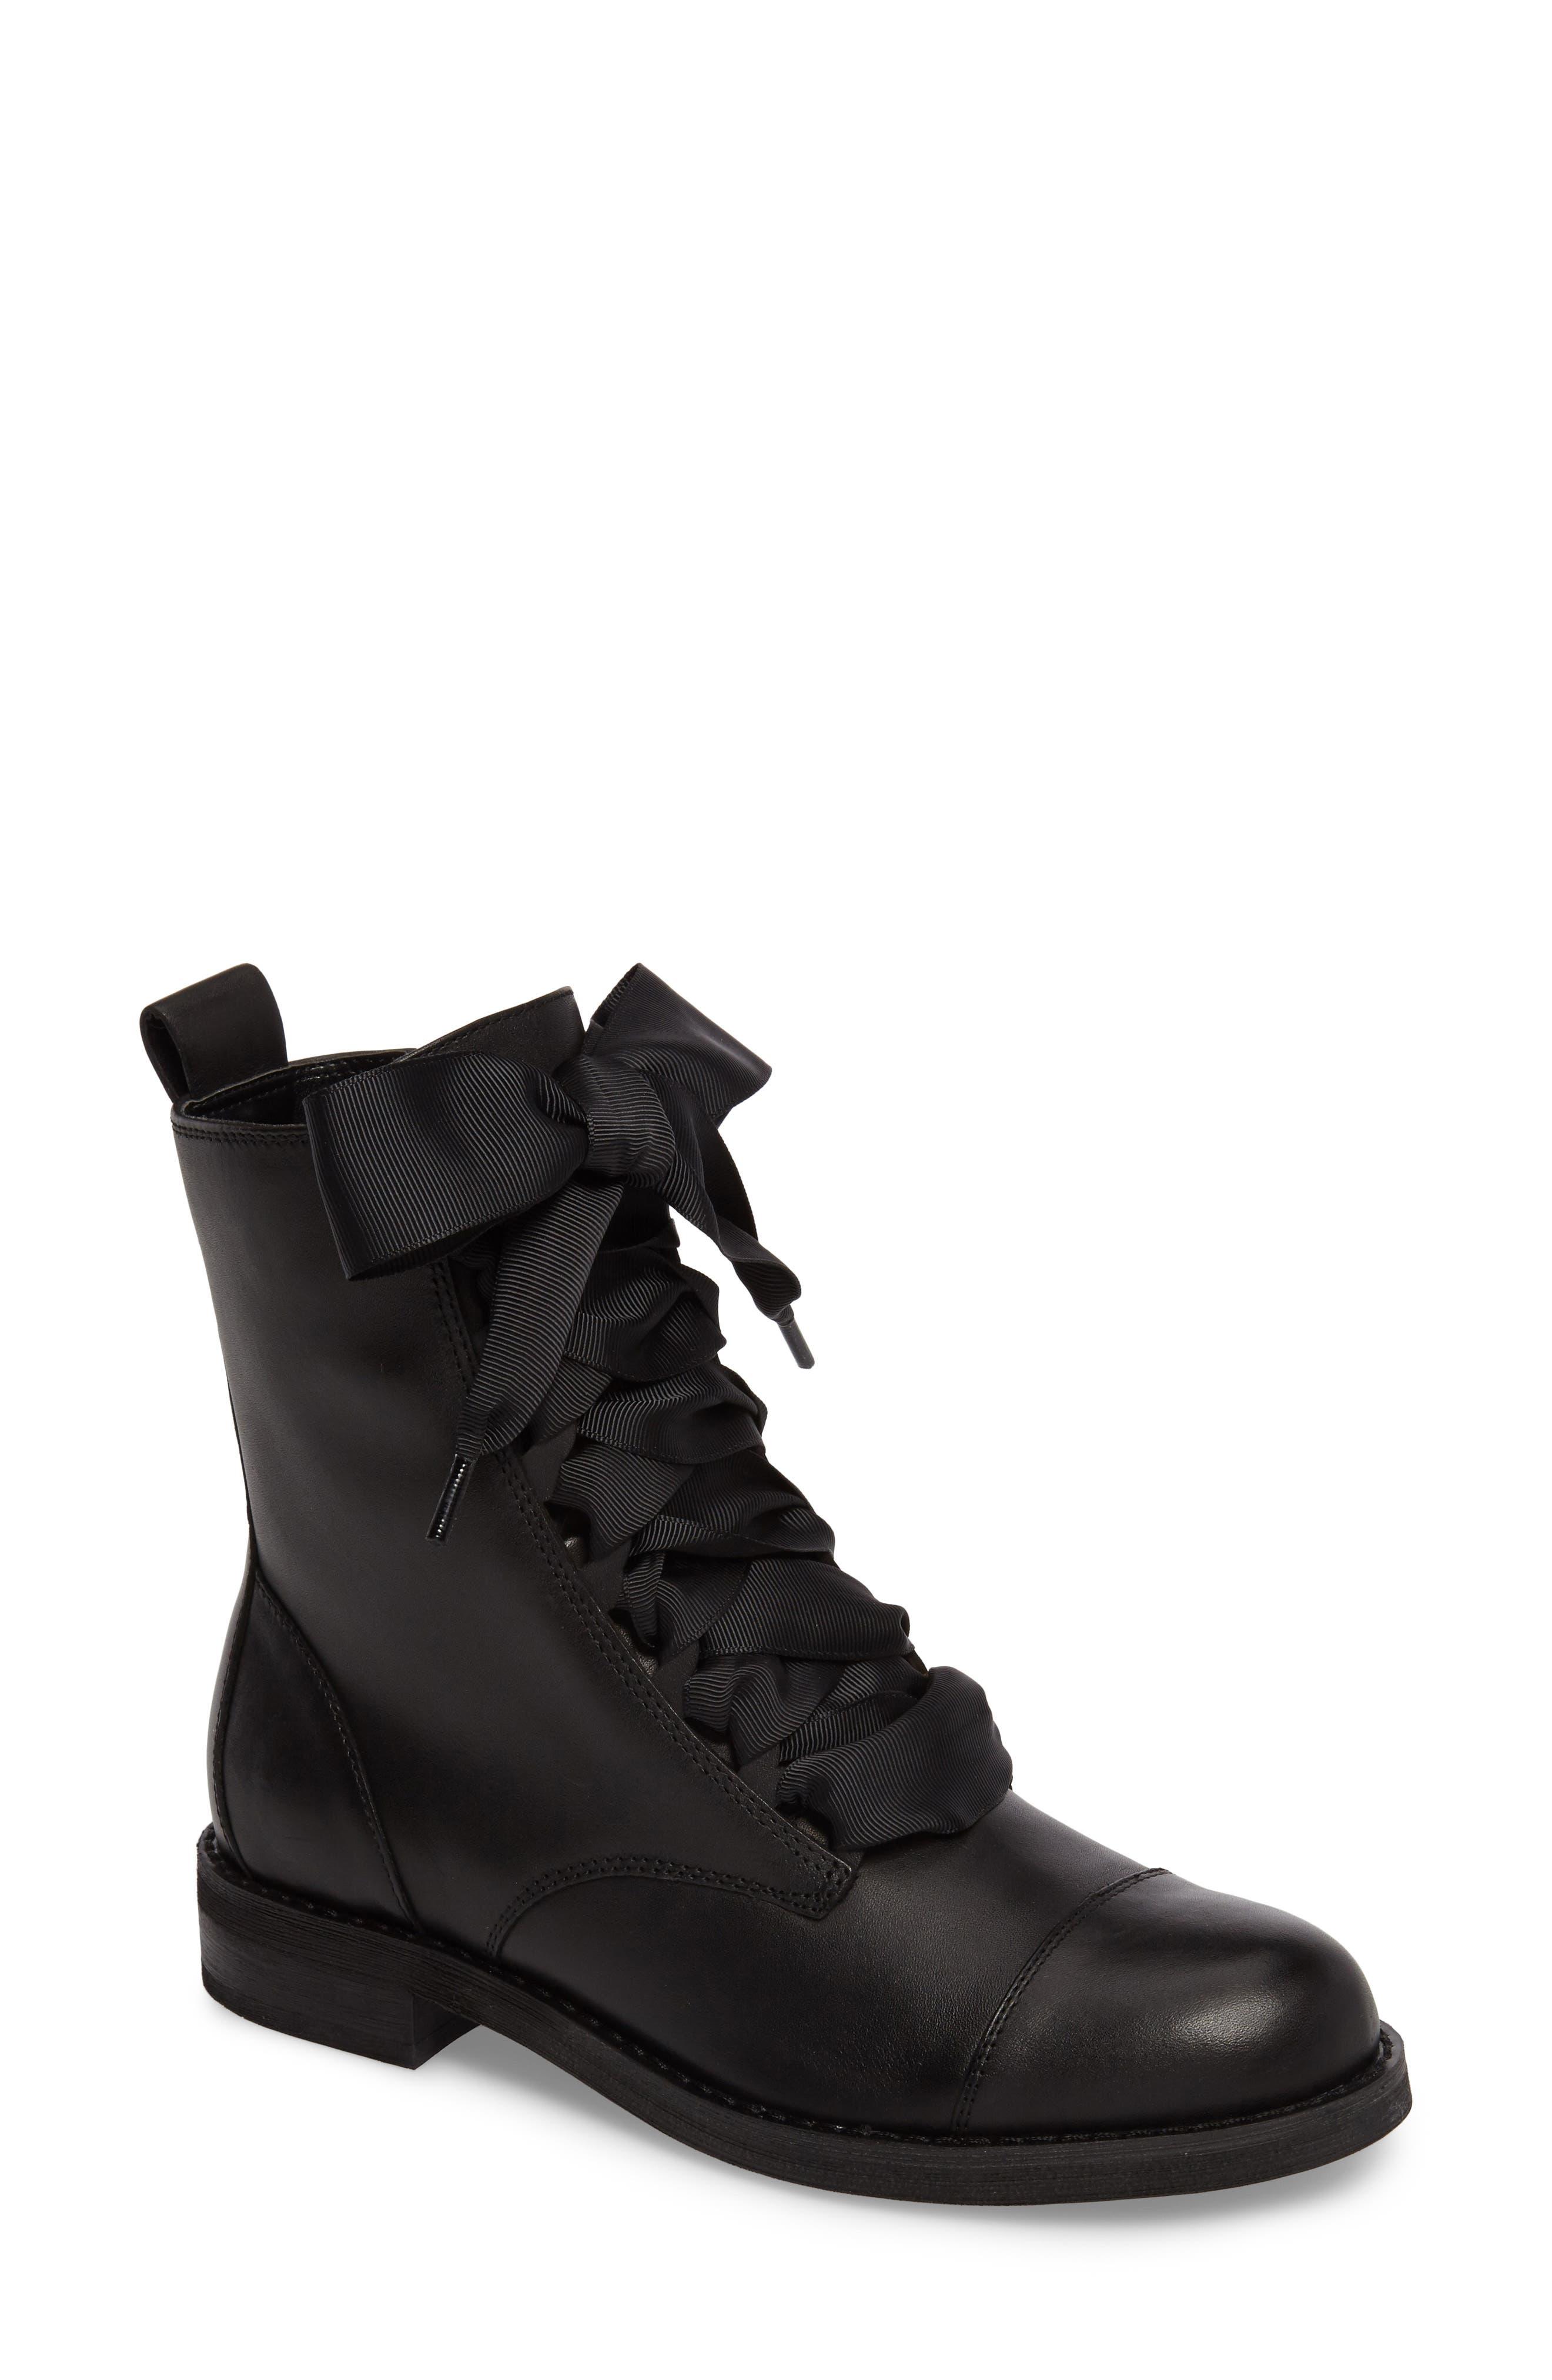 Lex Lace-Up Combat Boot,                         Main,                         color, Black Leather